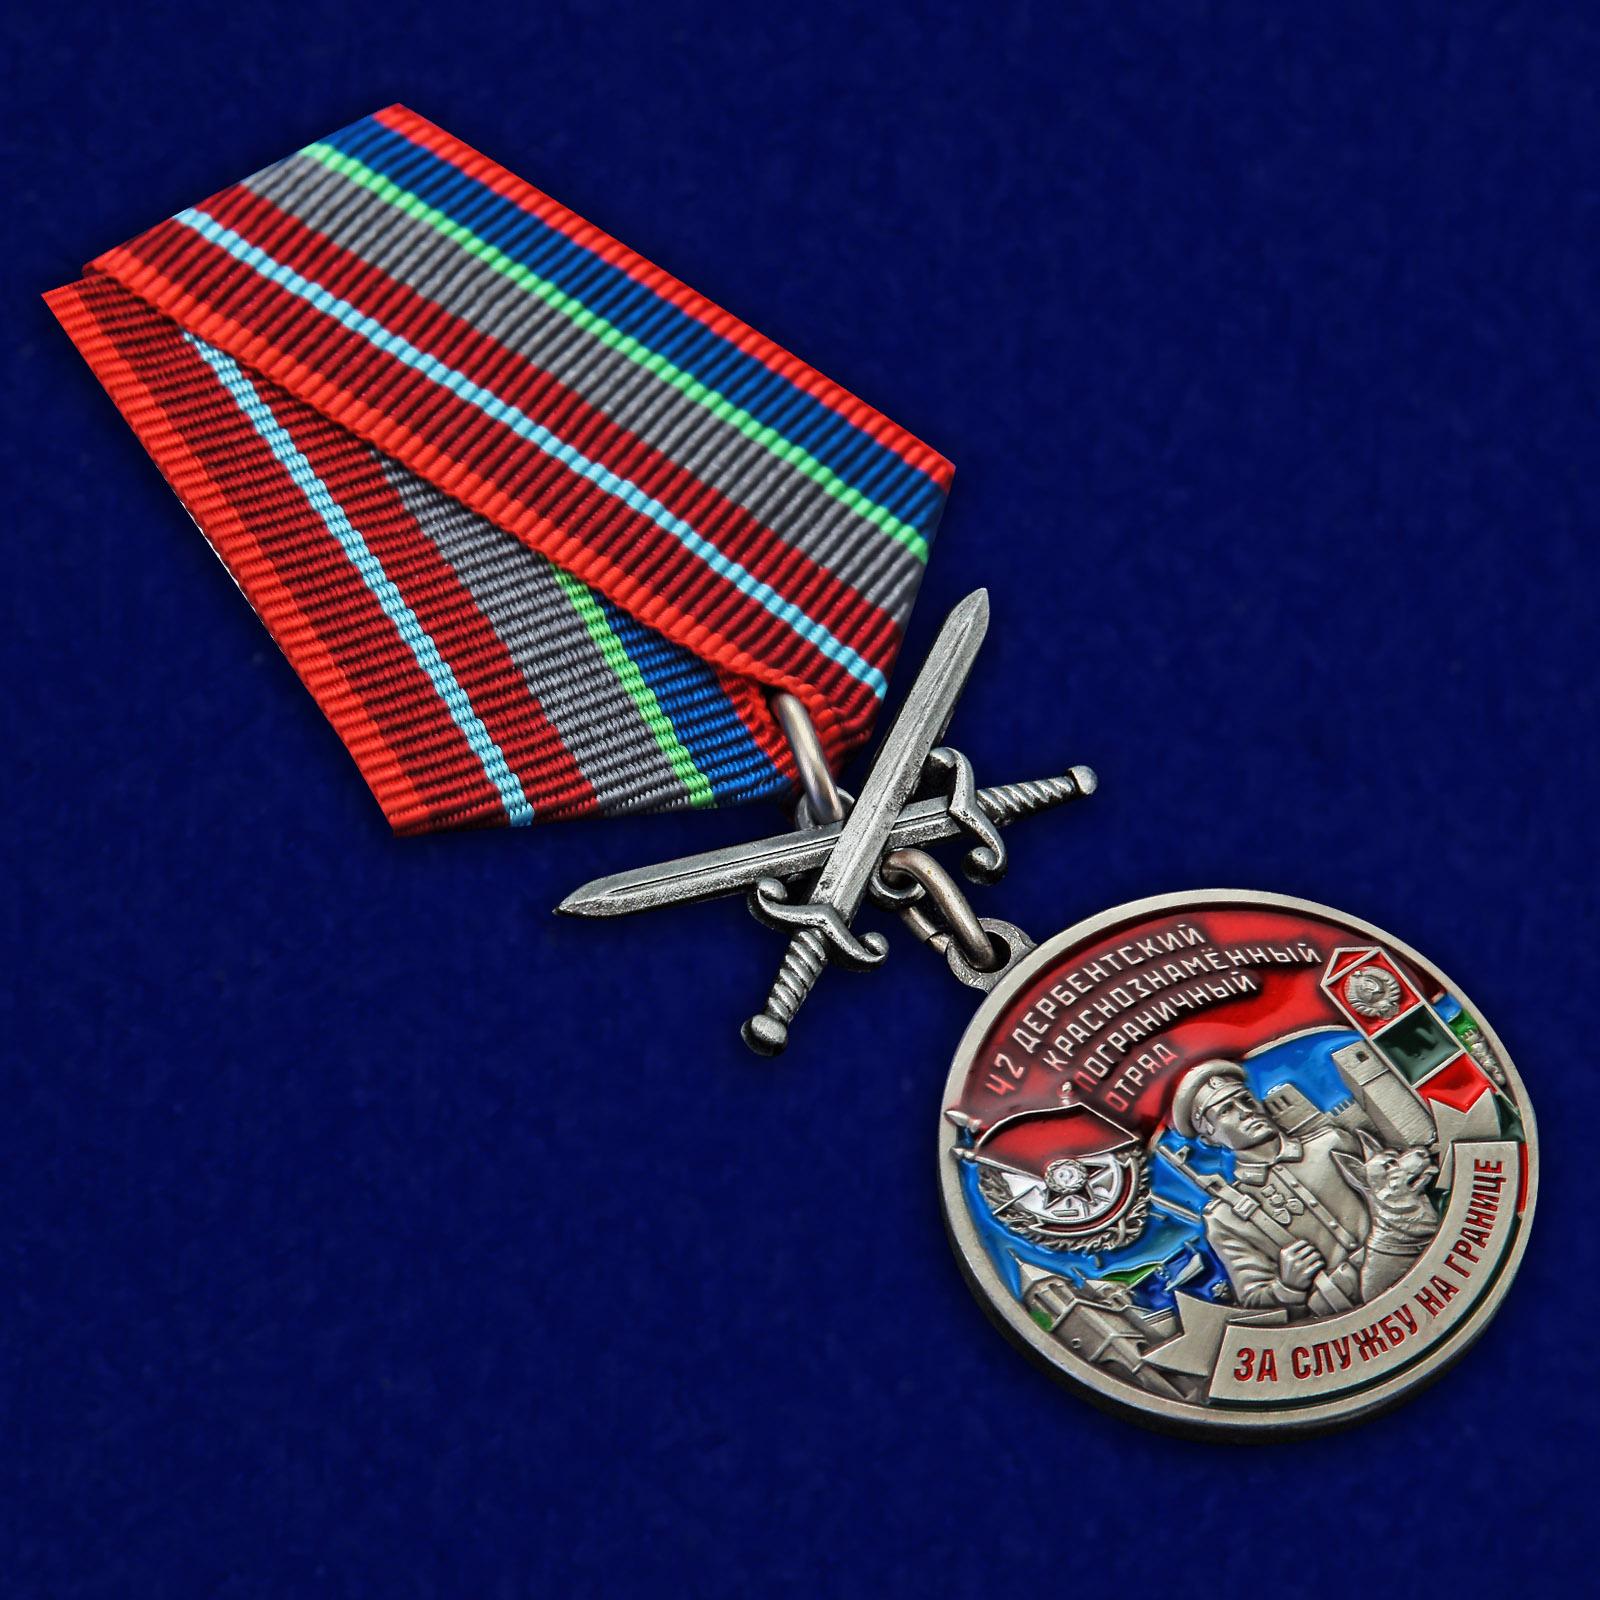 """Купить медаль За службу в Дербентском пограничном отряде"""""""